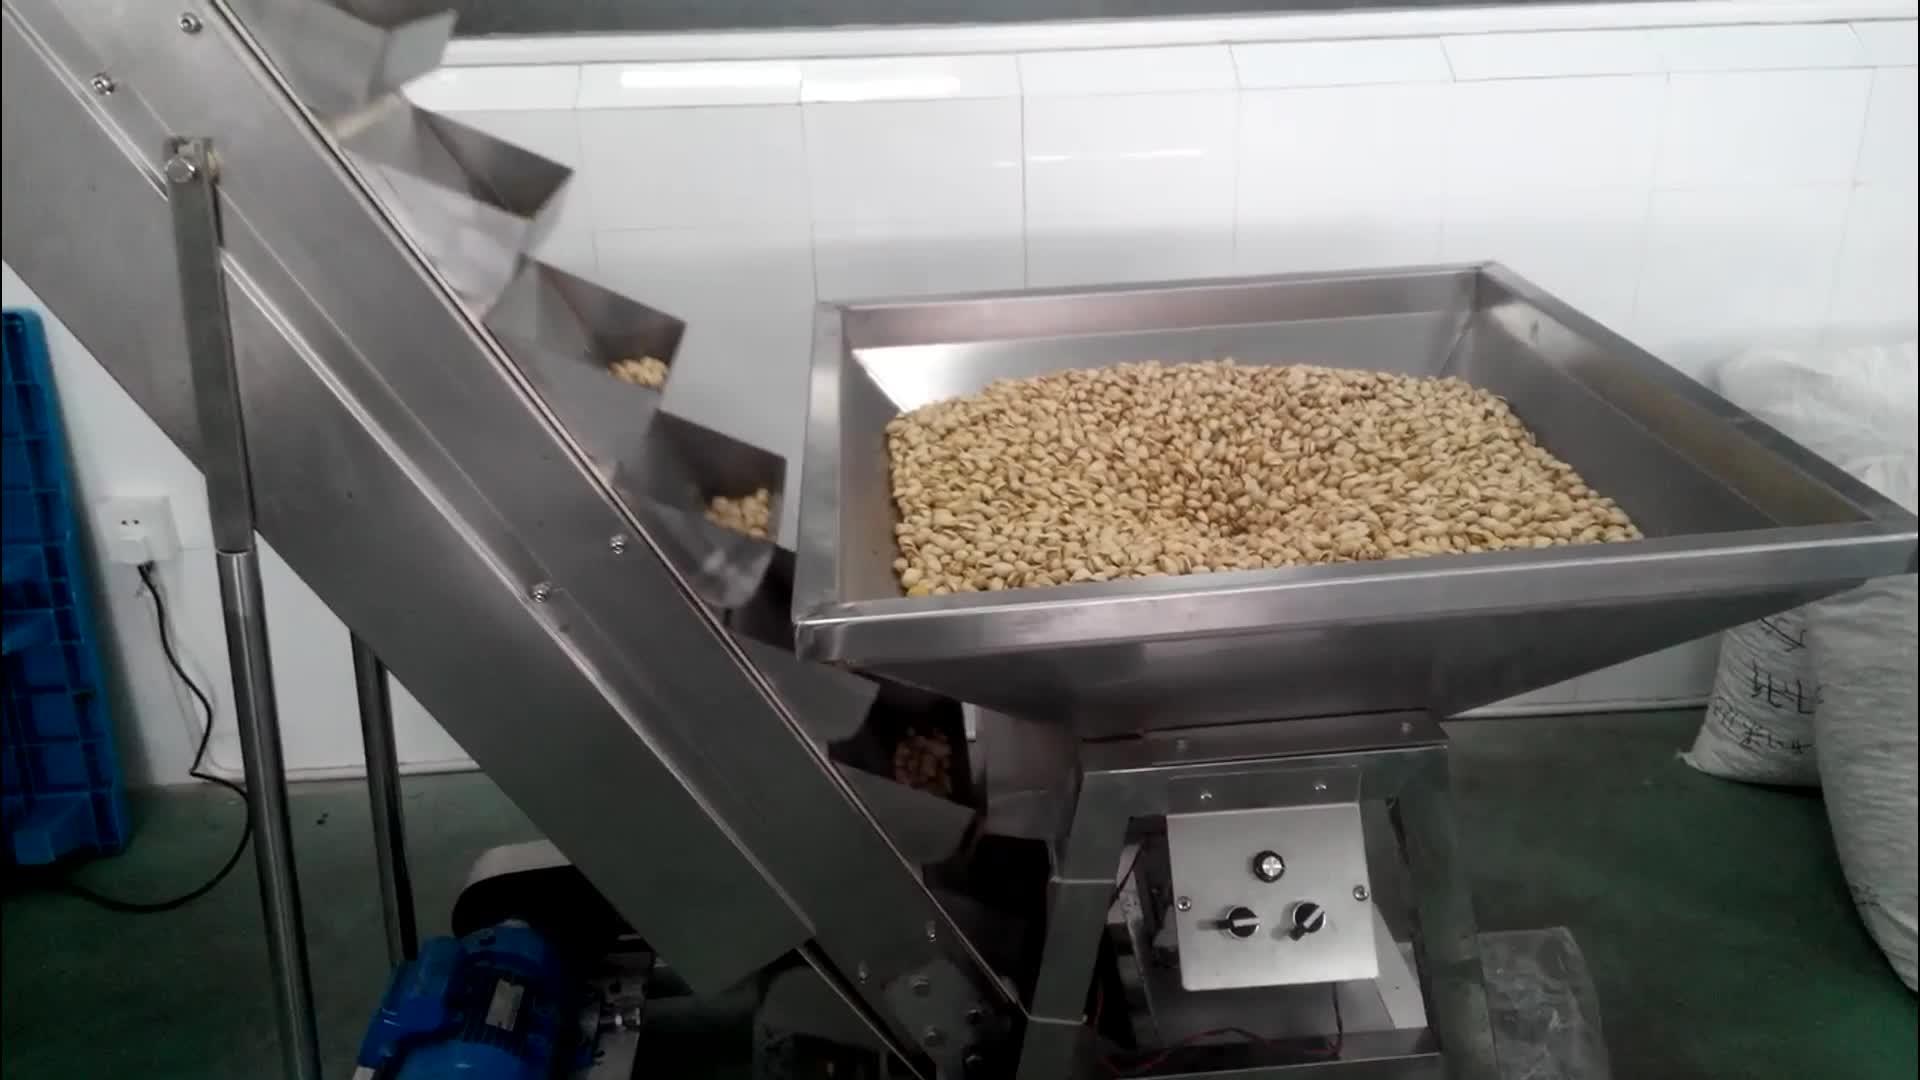 Granello di pesatura macchina di rifornimento semi automatica macchina imballatrice del grano 30-2000g, 500-6000g, 4-25kg, 5-50kg